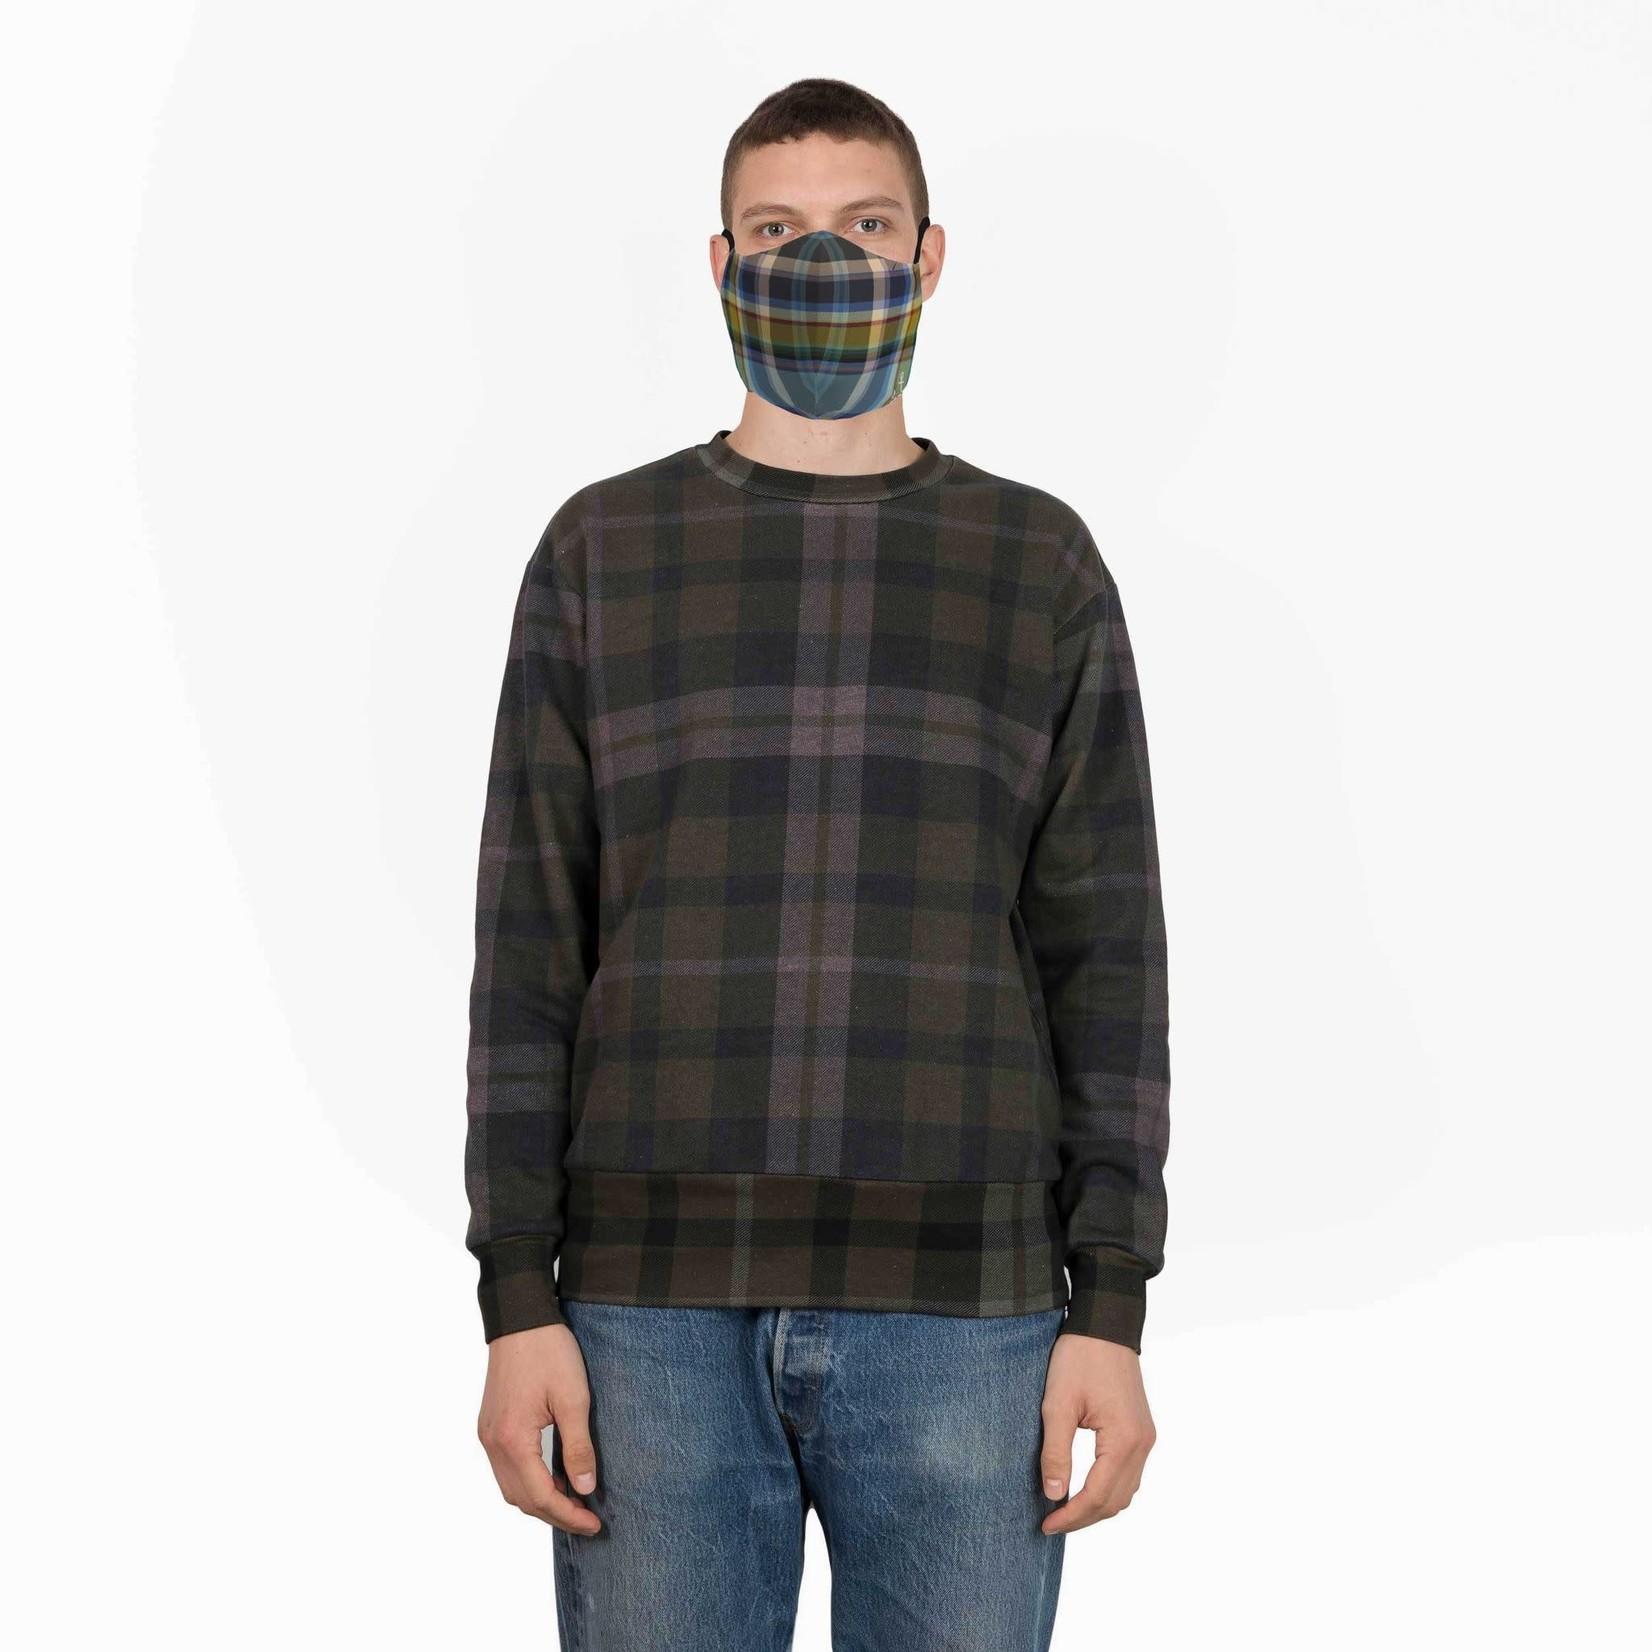 JCRT JCRT The Fellowship of Ring Face Mask